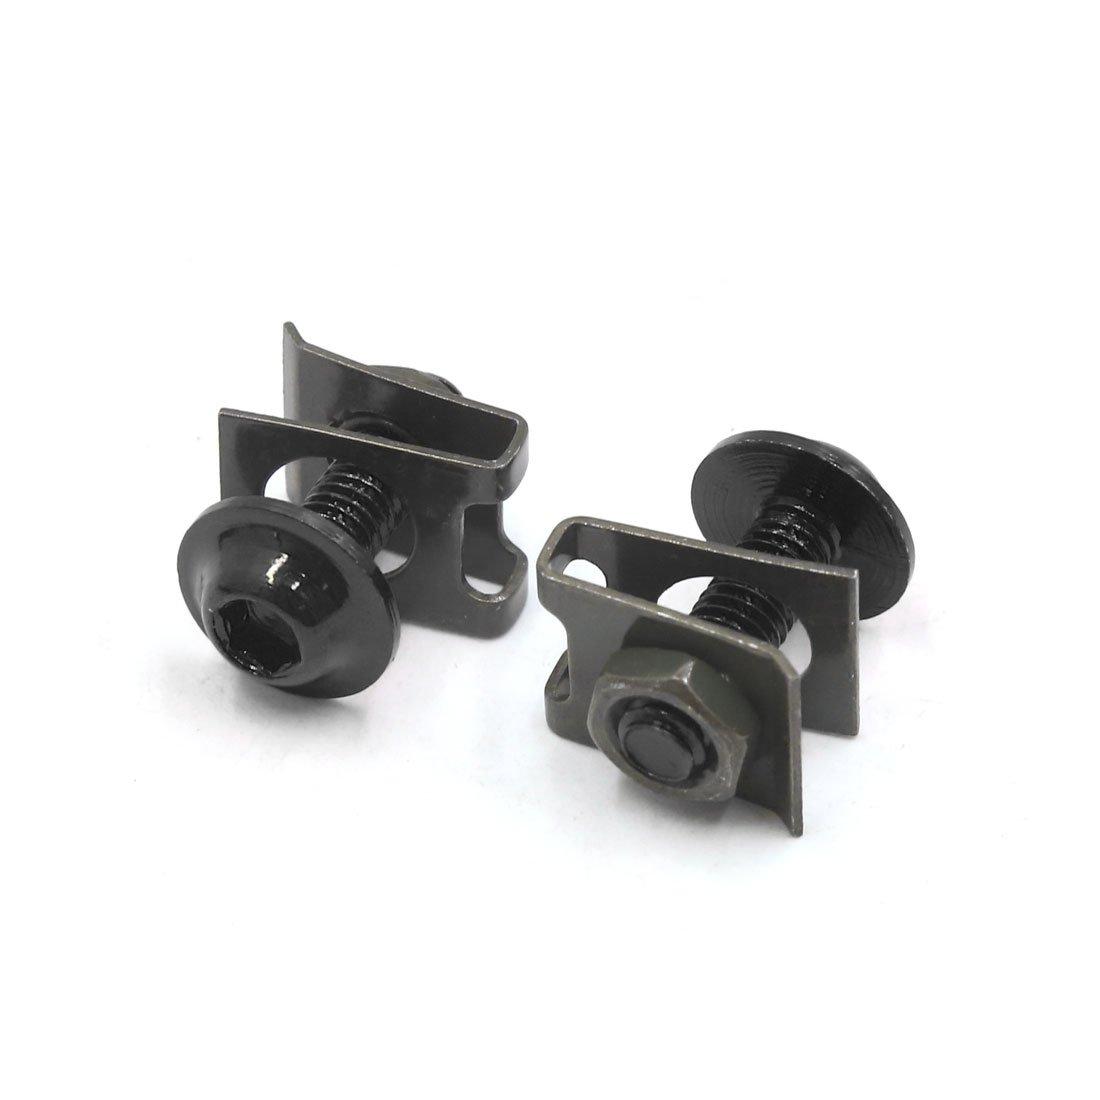 Sourcingmap 6mm 16Pcs Negro Metal Accesorio de Motocicleta Tema Di/ámetro Pernos Hexagonales Tornillos Remache de Clip Grapa